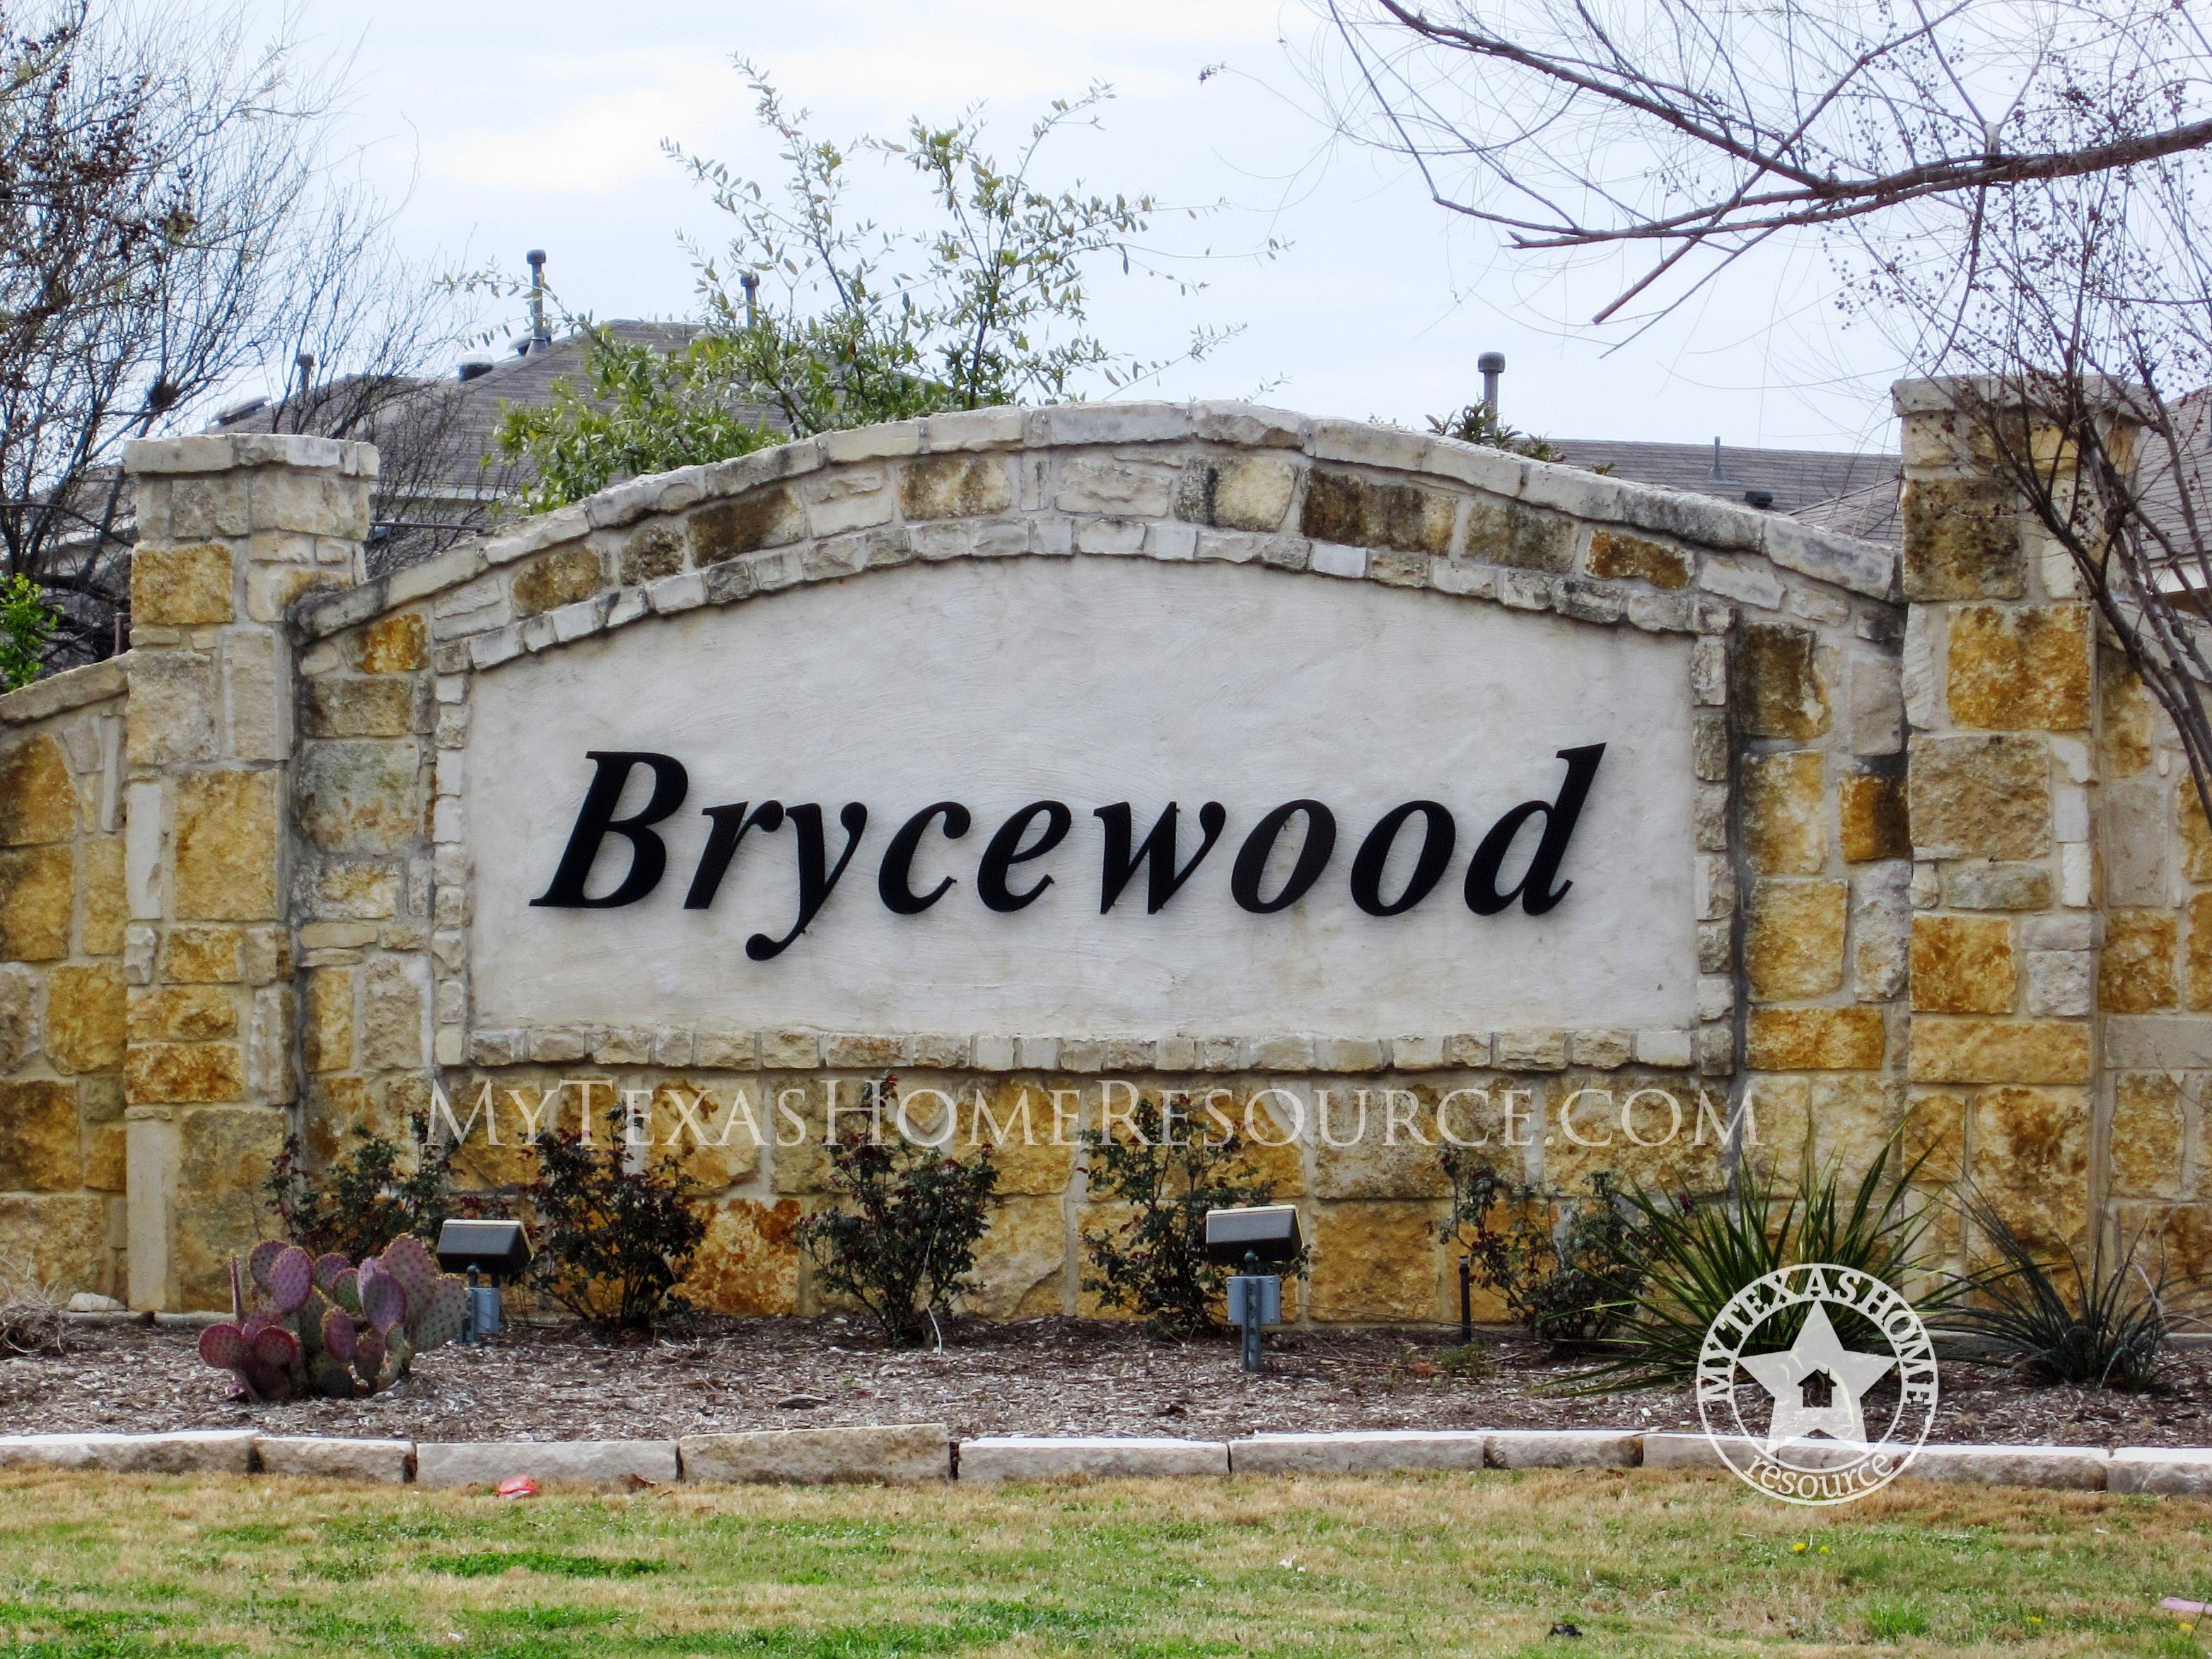 Brycewood Community